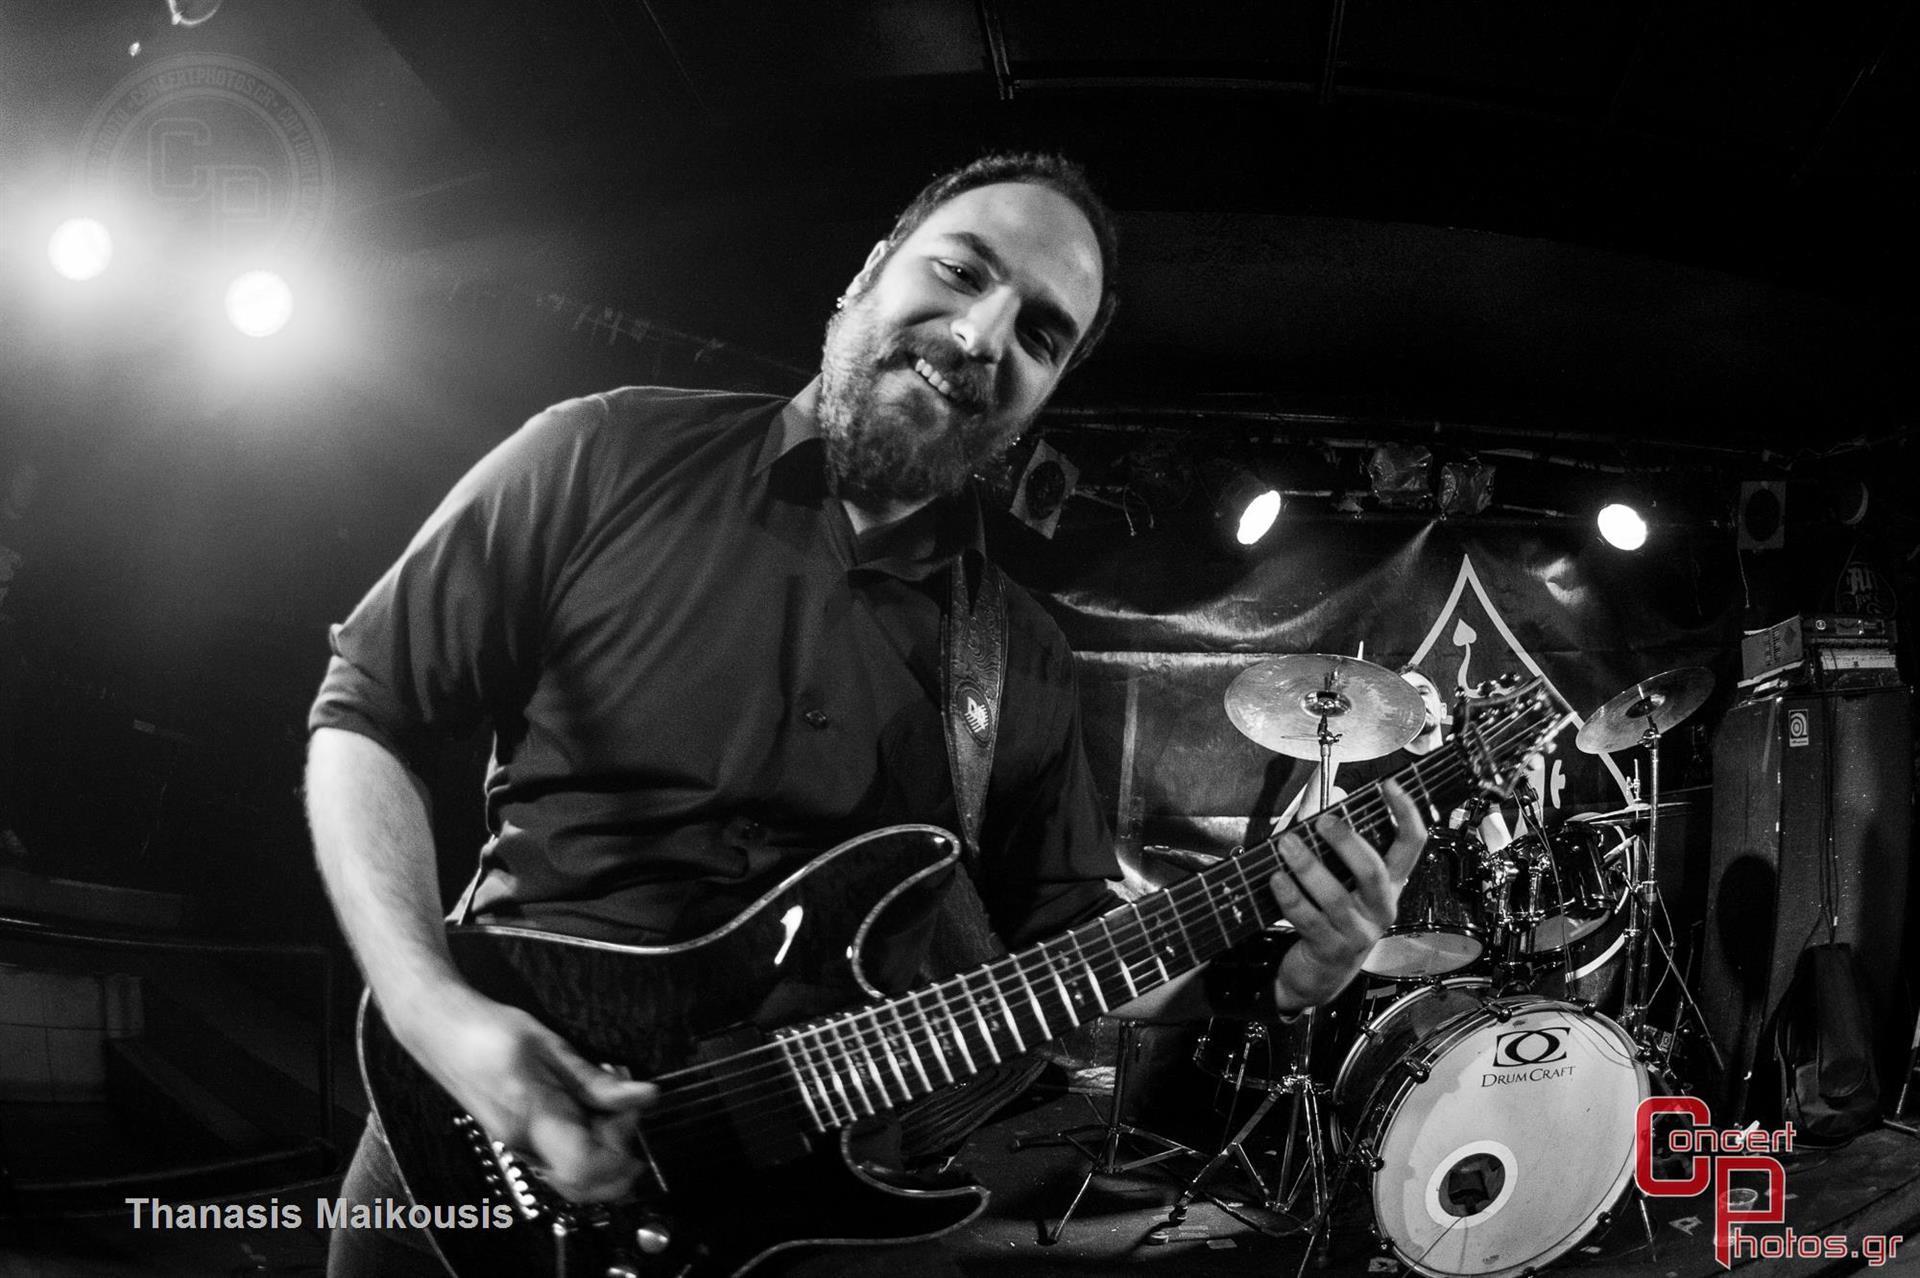 Battle Of The Bands Leg 5-Battle Of The Bands Leg 4 photographer: Thanasis Maikousis - ConcertPhotos - 20150315_2203_51-2